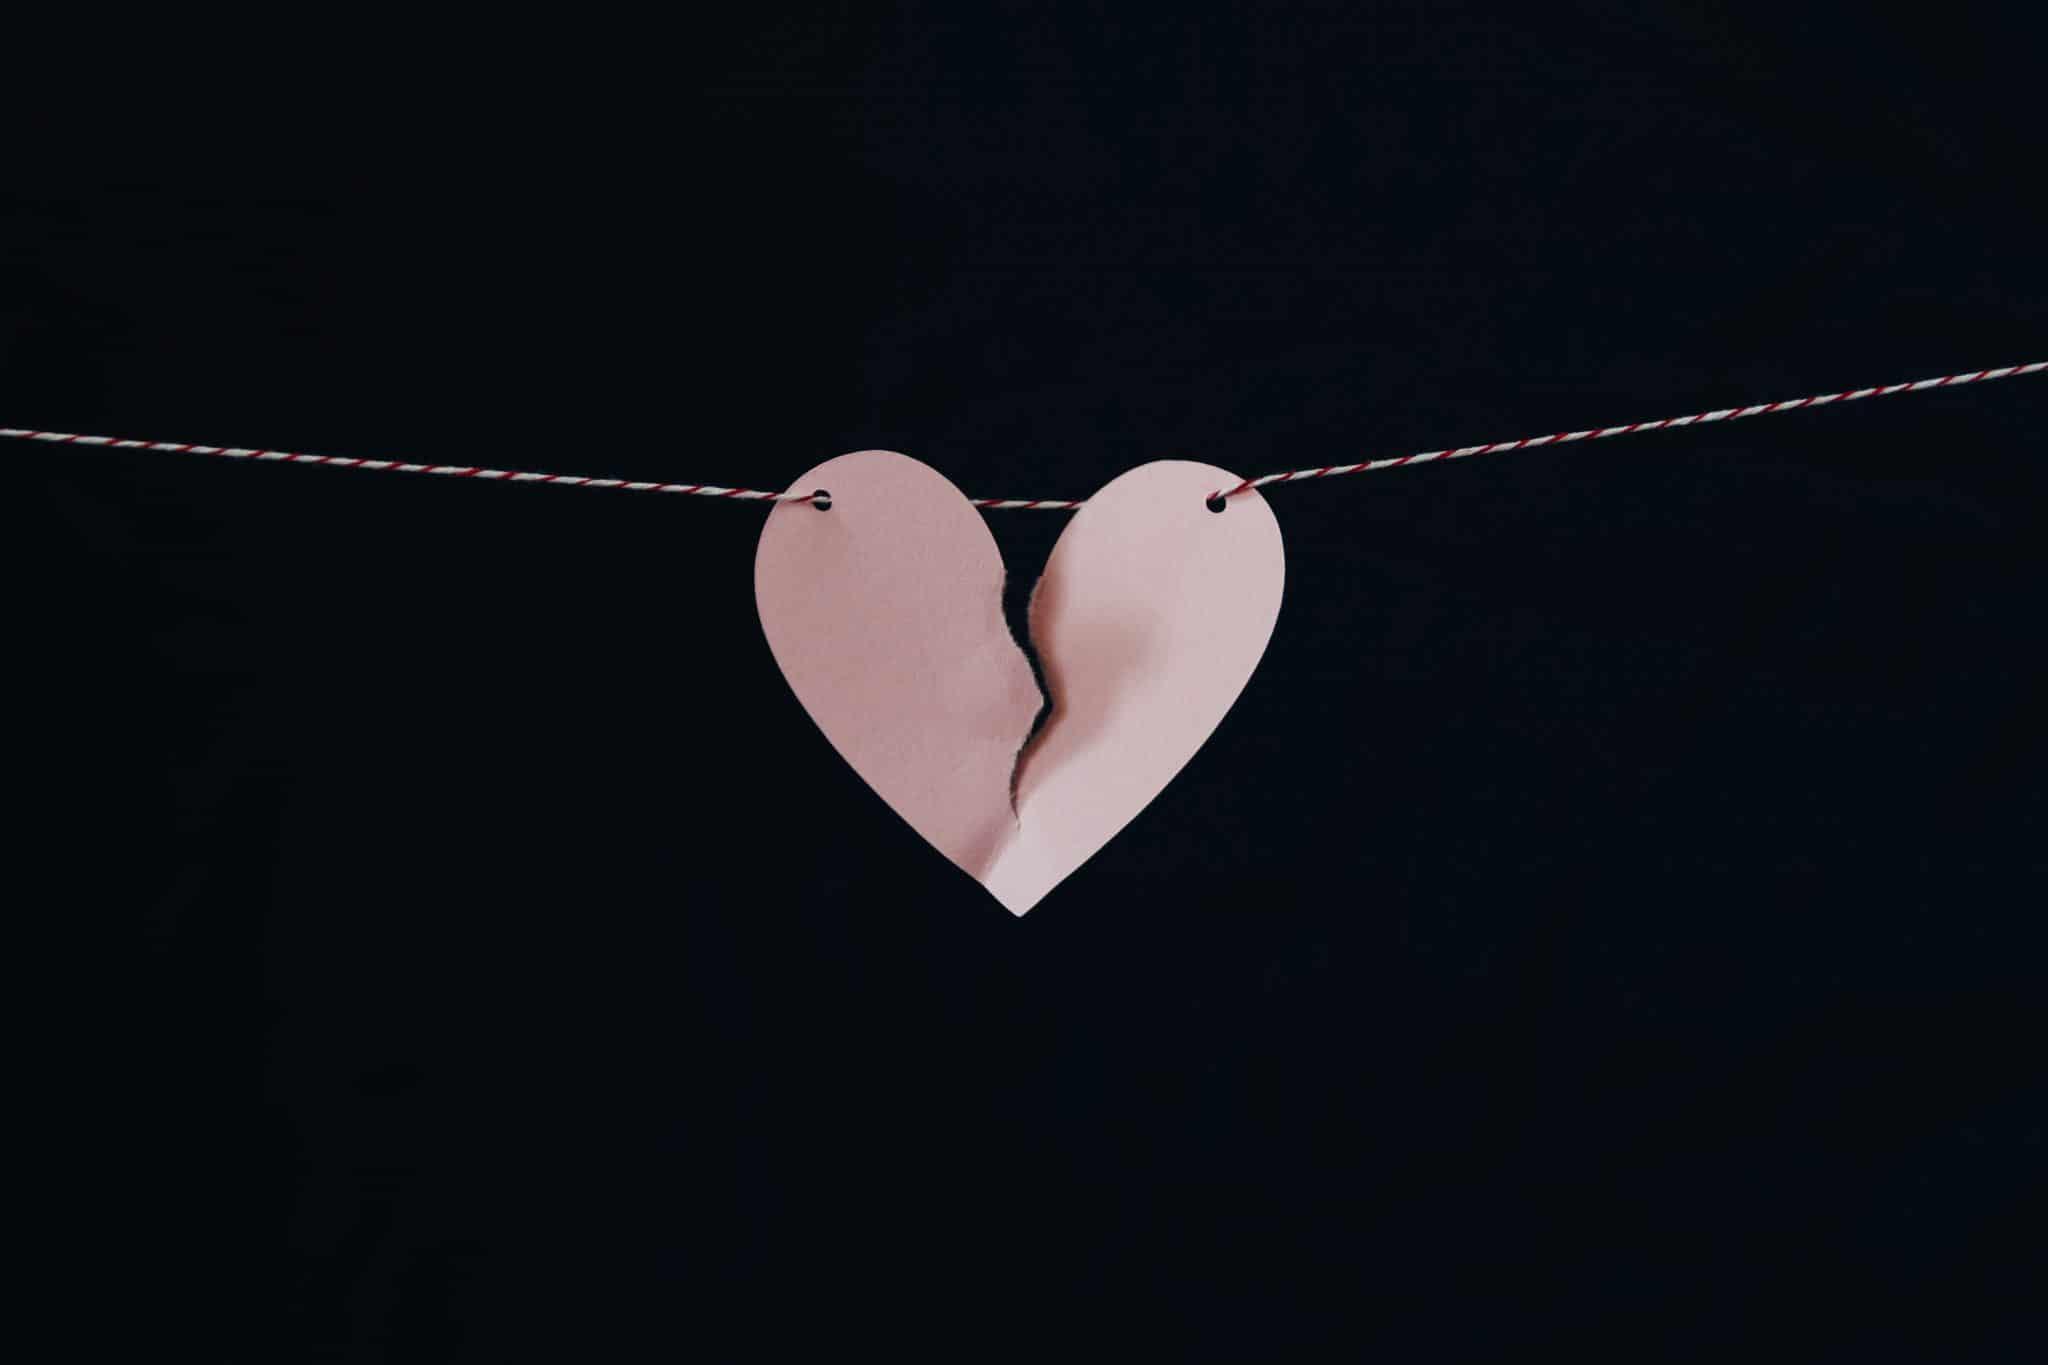 comment arrêter d'aimer quelqu'un qui ne nous aime pas